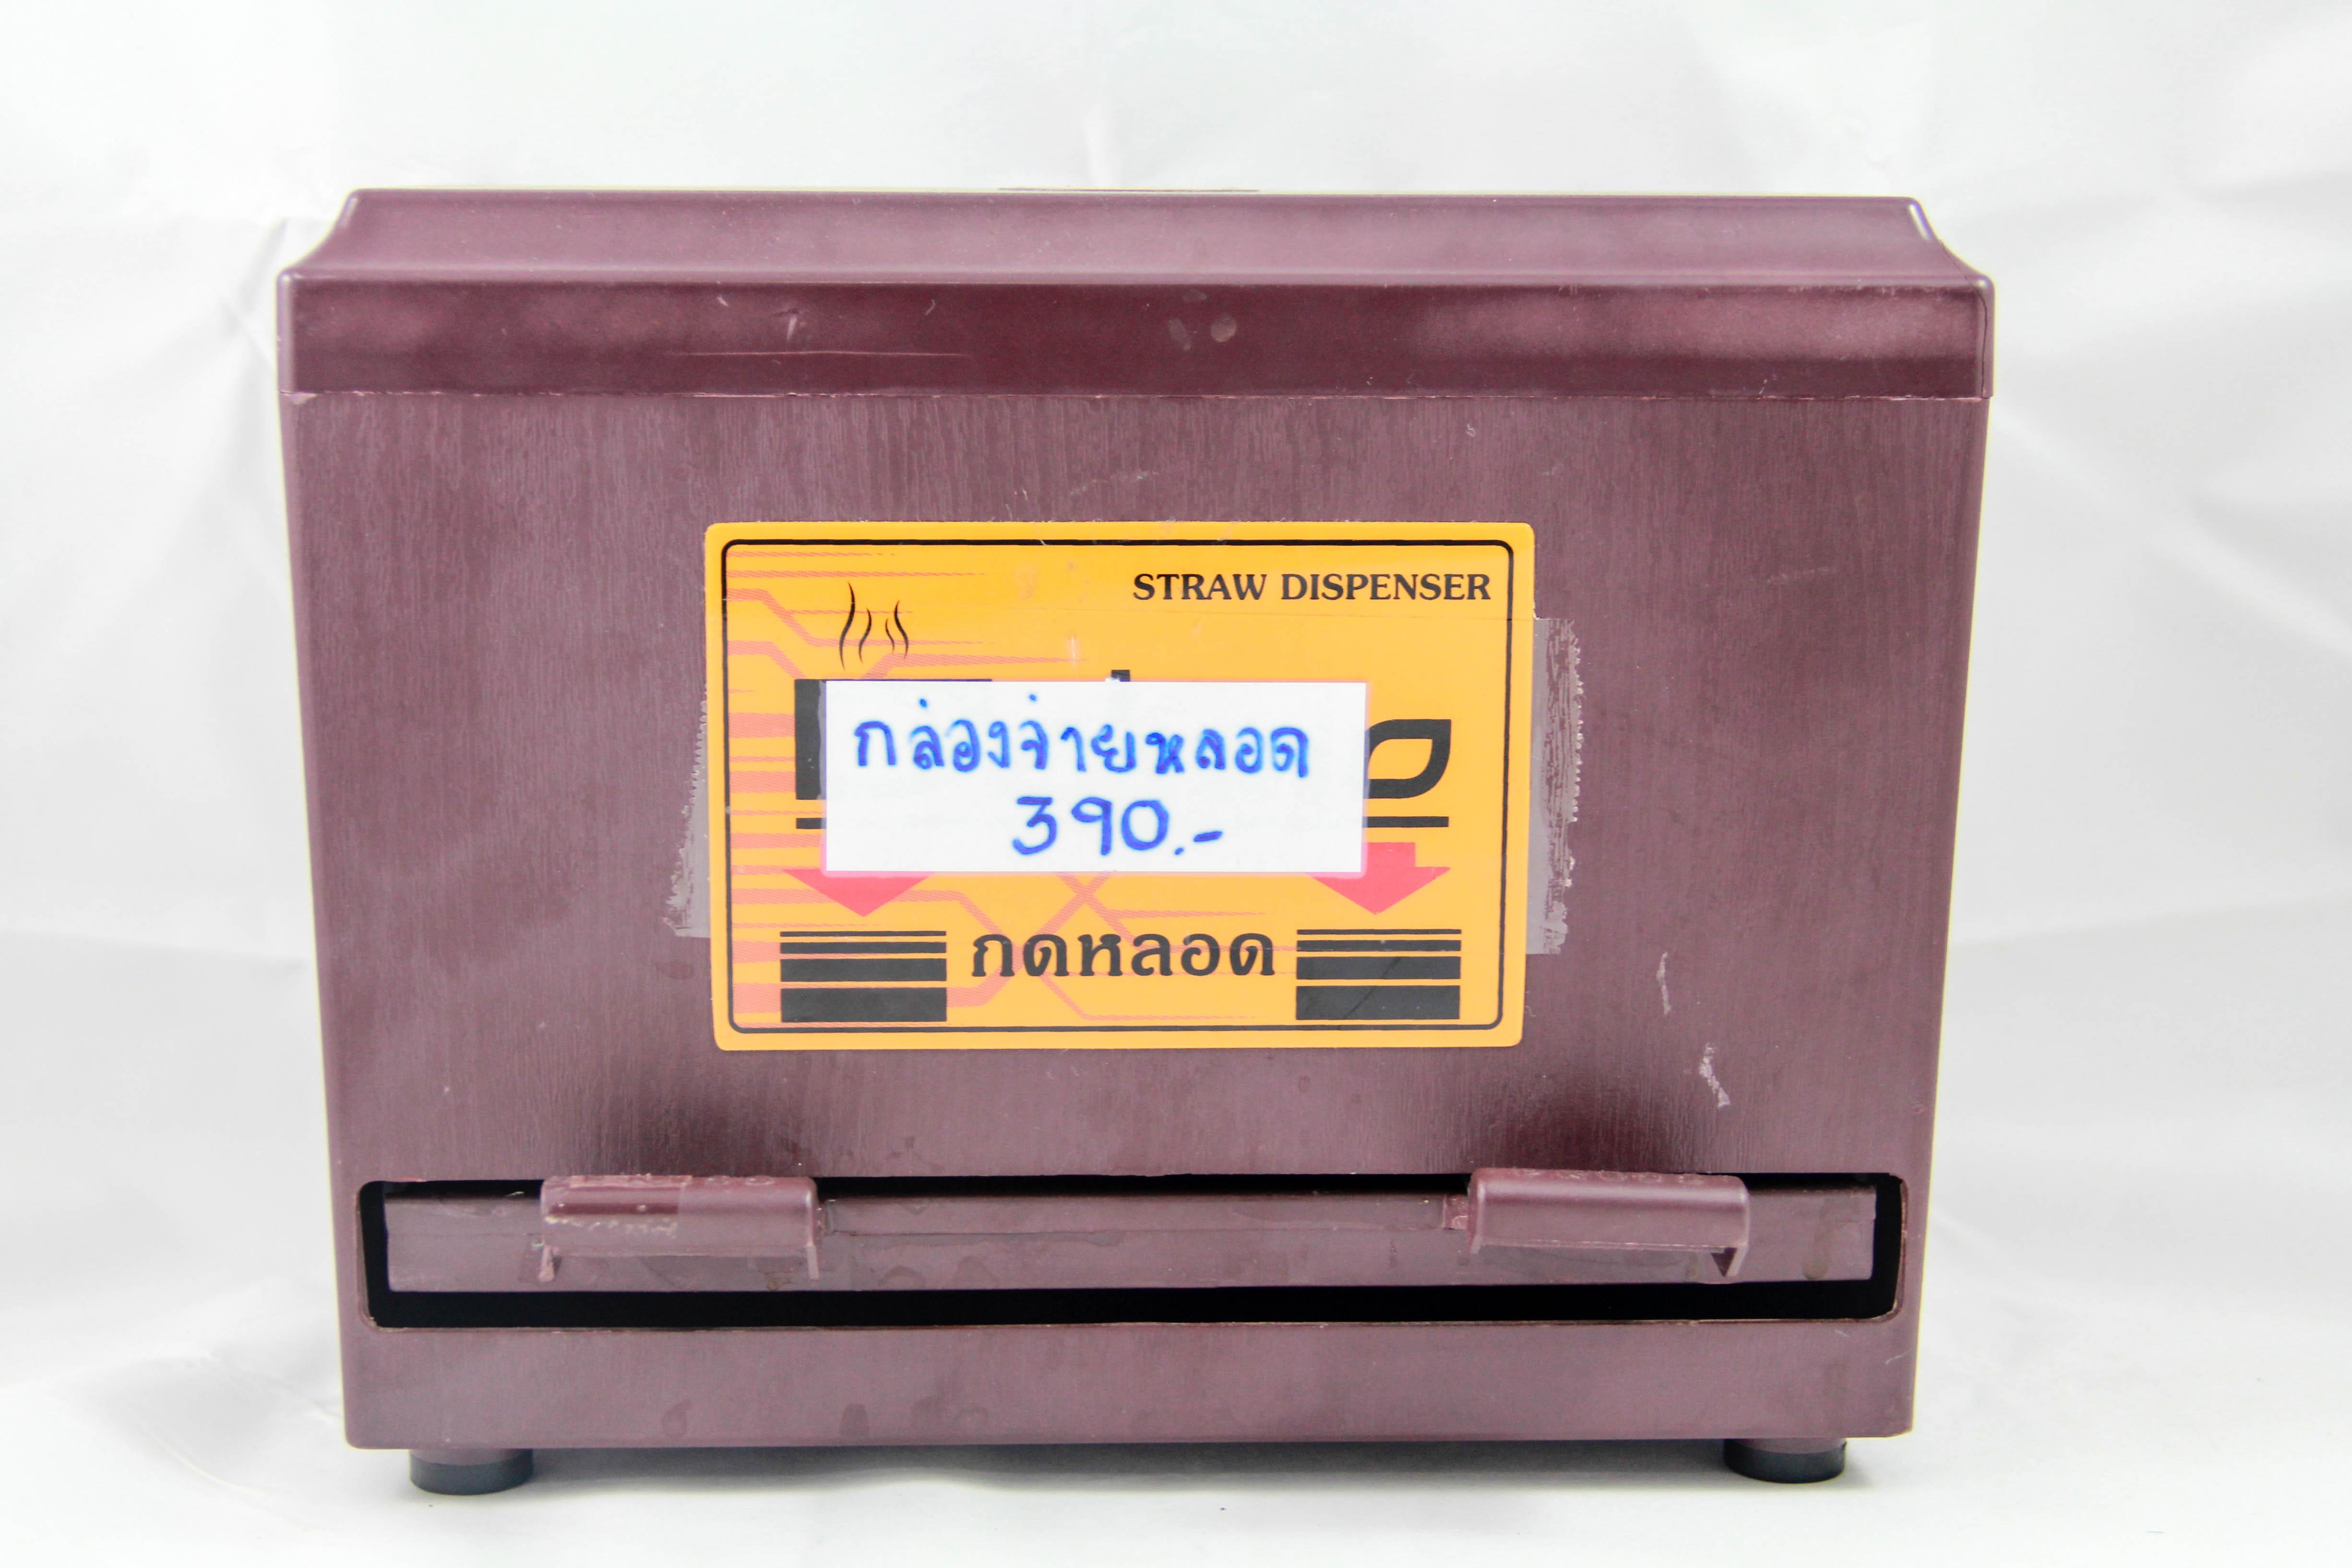 กล่องจ่ายหลอด สีน้ำตาล (Delisio)